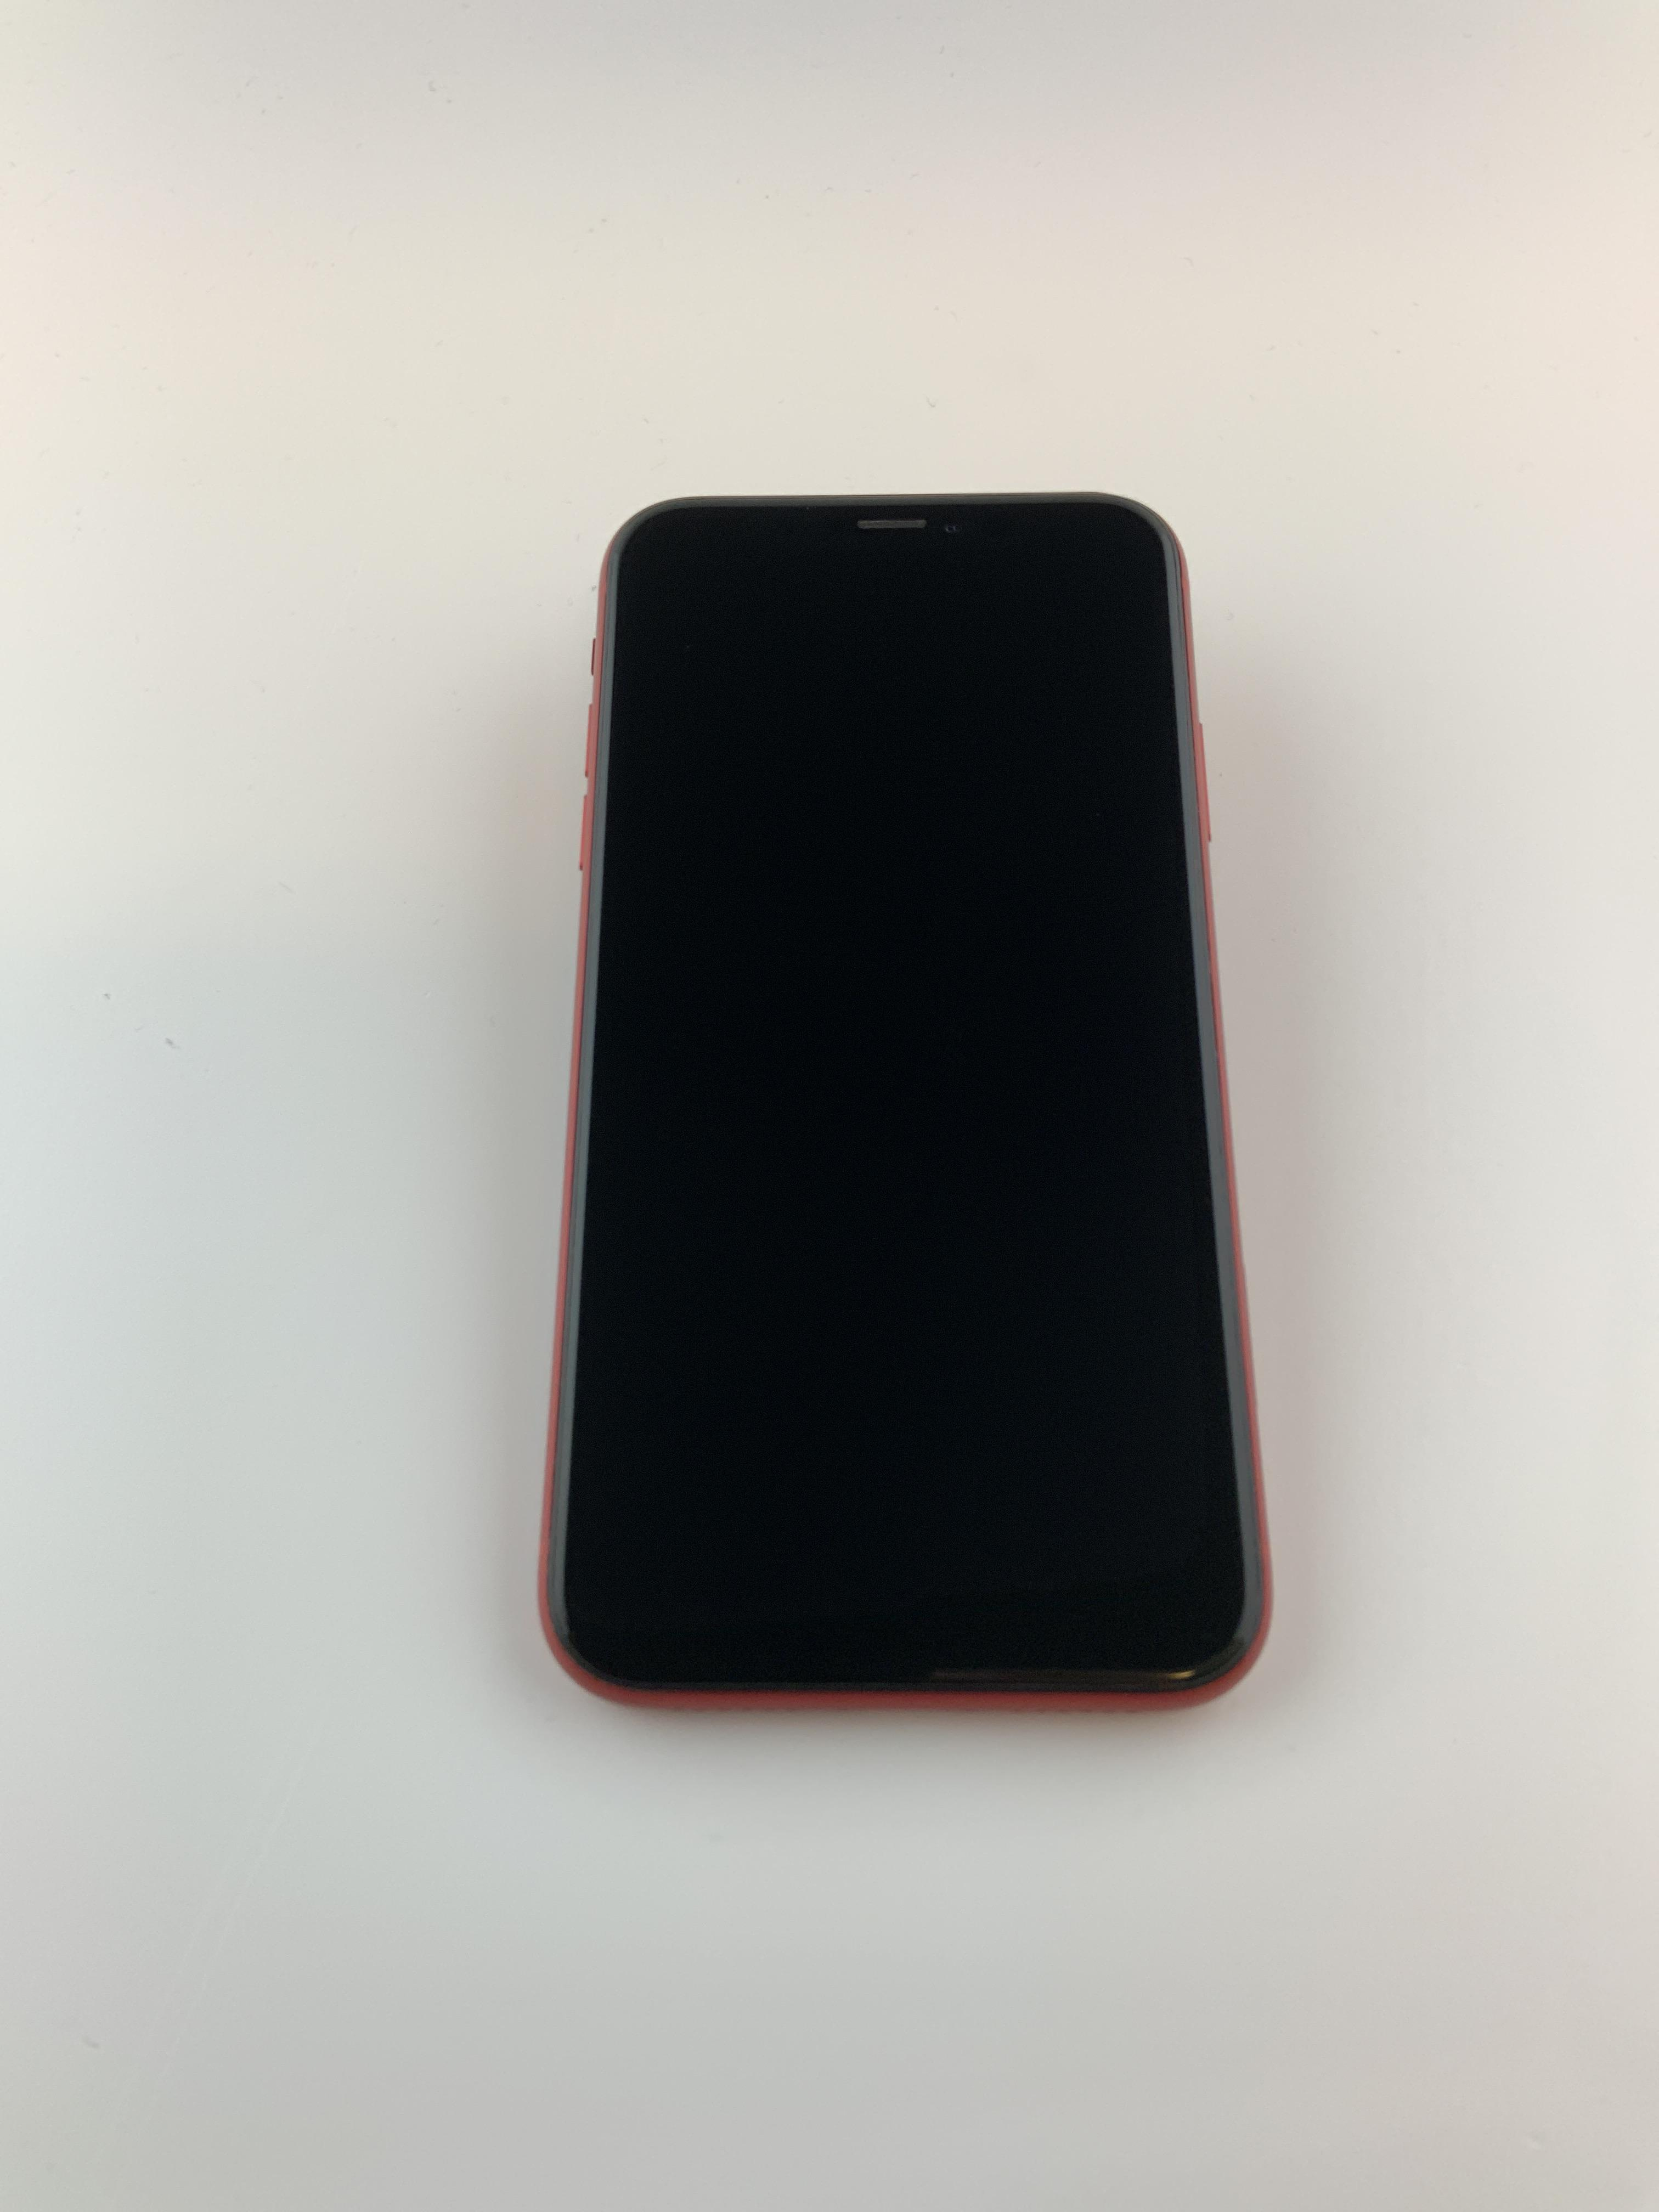 iPhone XR 64GB, 64GB, Red, Bild 1